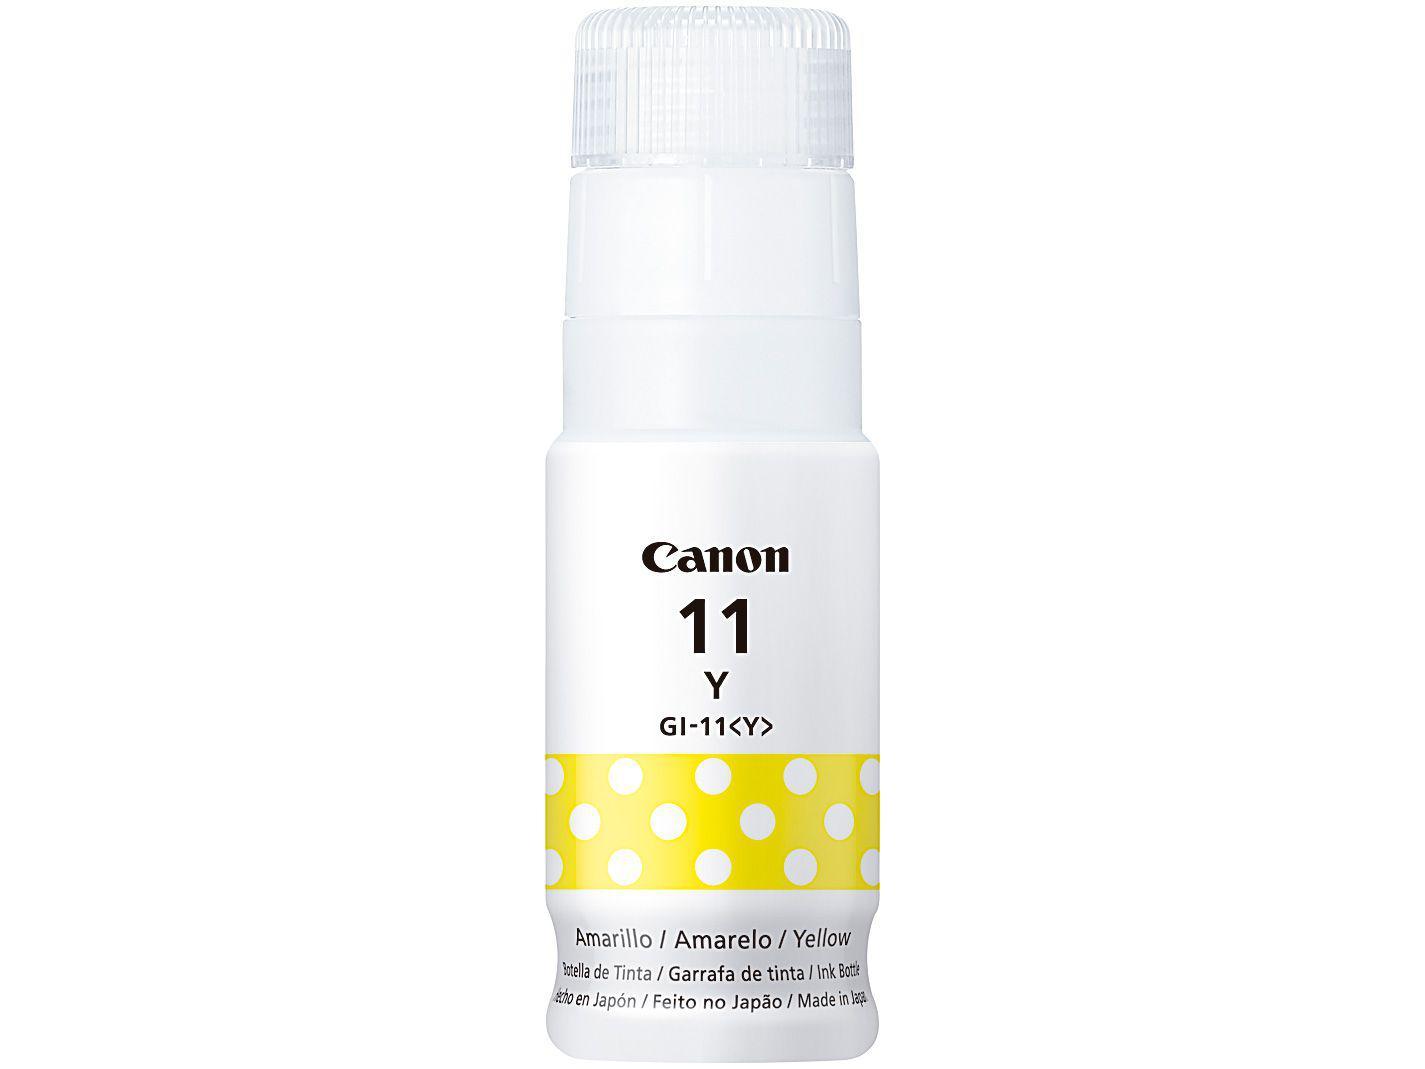 Refil de Tinta Canon GI-11 YW - Amarelo